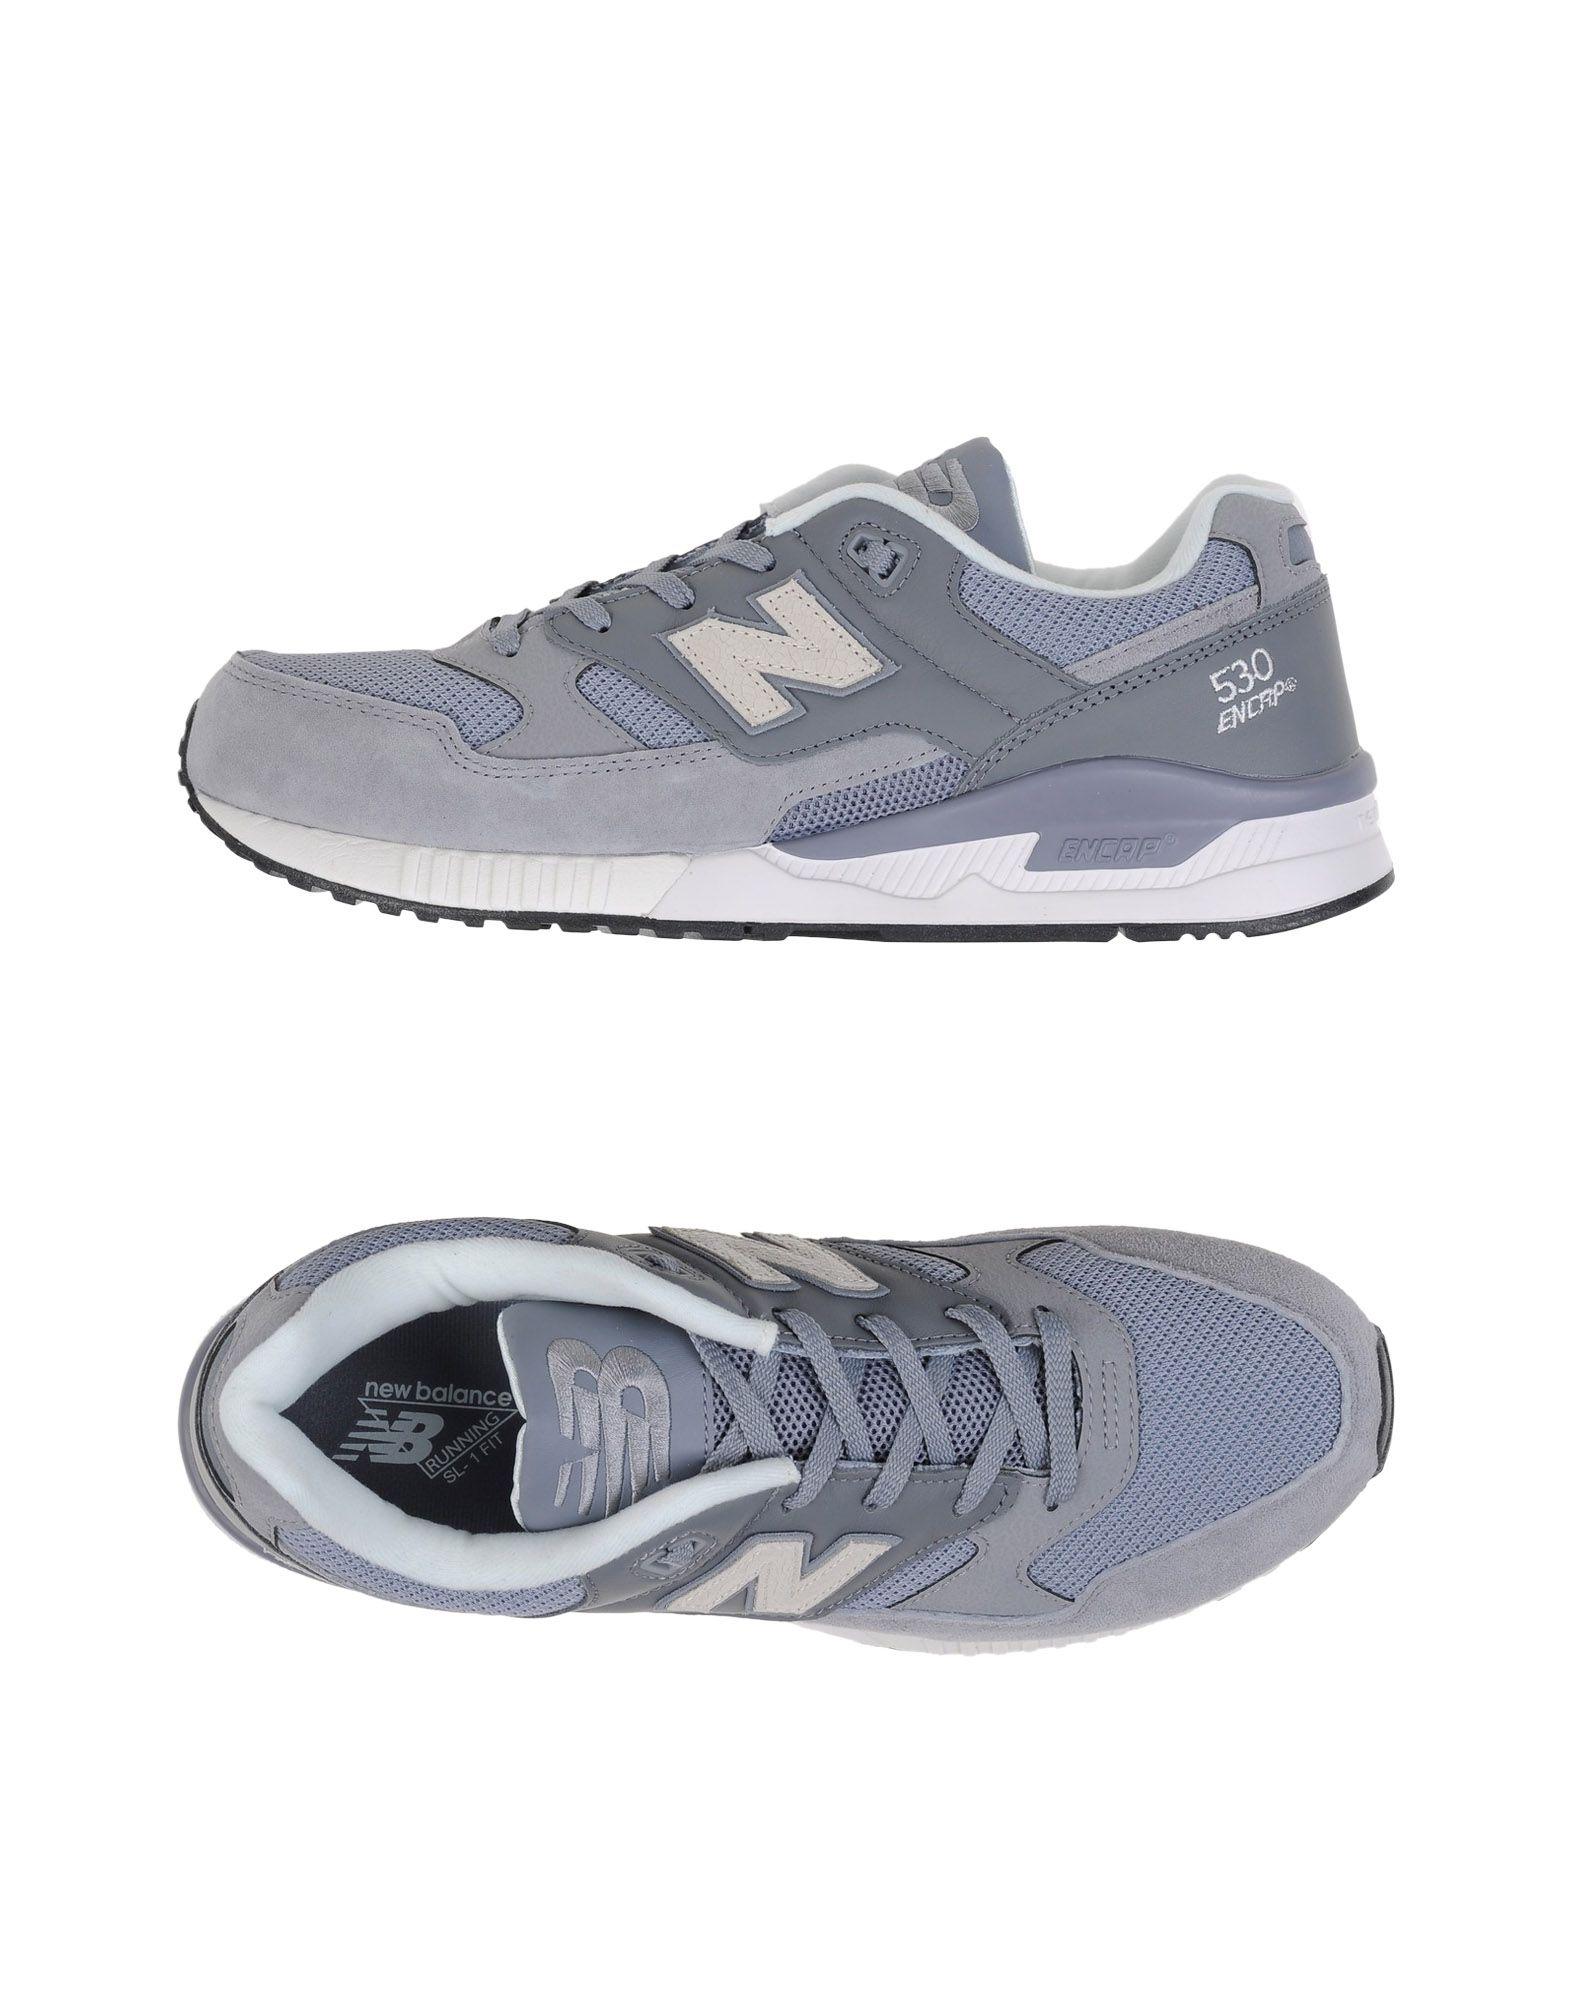 Rabatt Schuhe echte Schuhe Rabatt New Balance 530 Oxidized  11105802OD 49296f